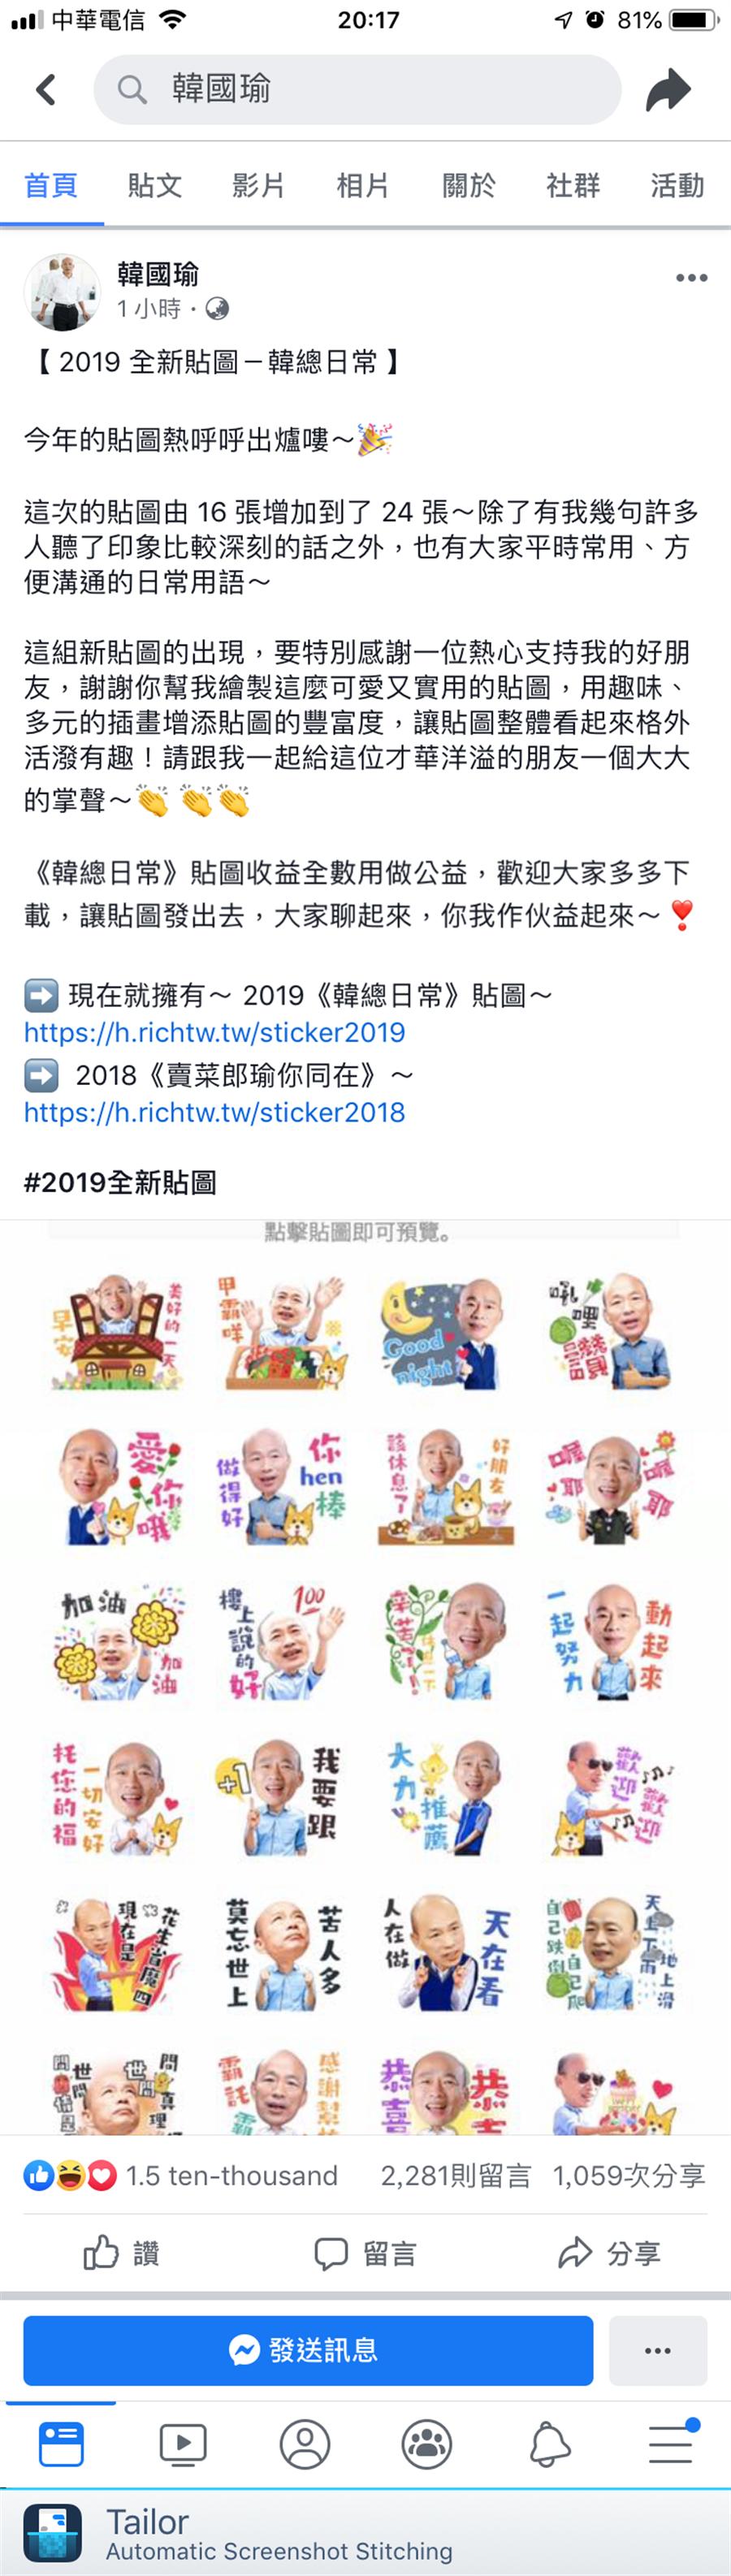 韓國瑜於臉書發文,發表最新貼圖。(摘自韓國瑜臉書)